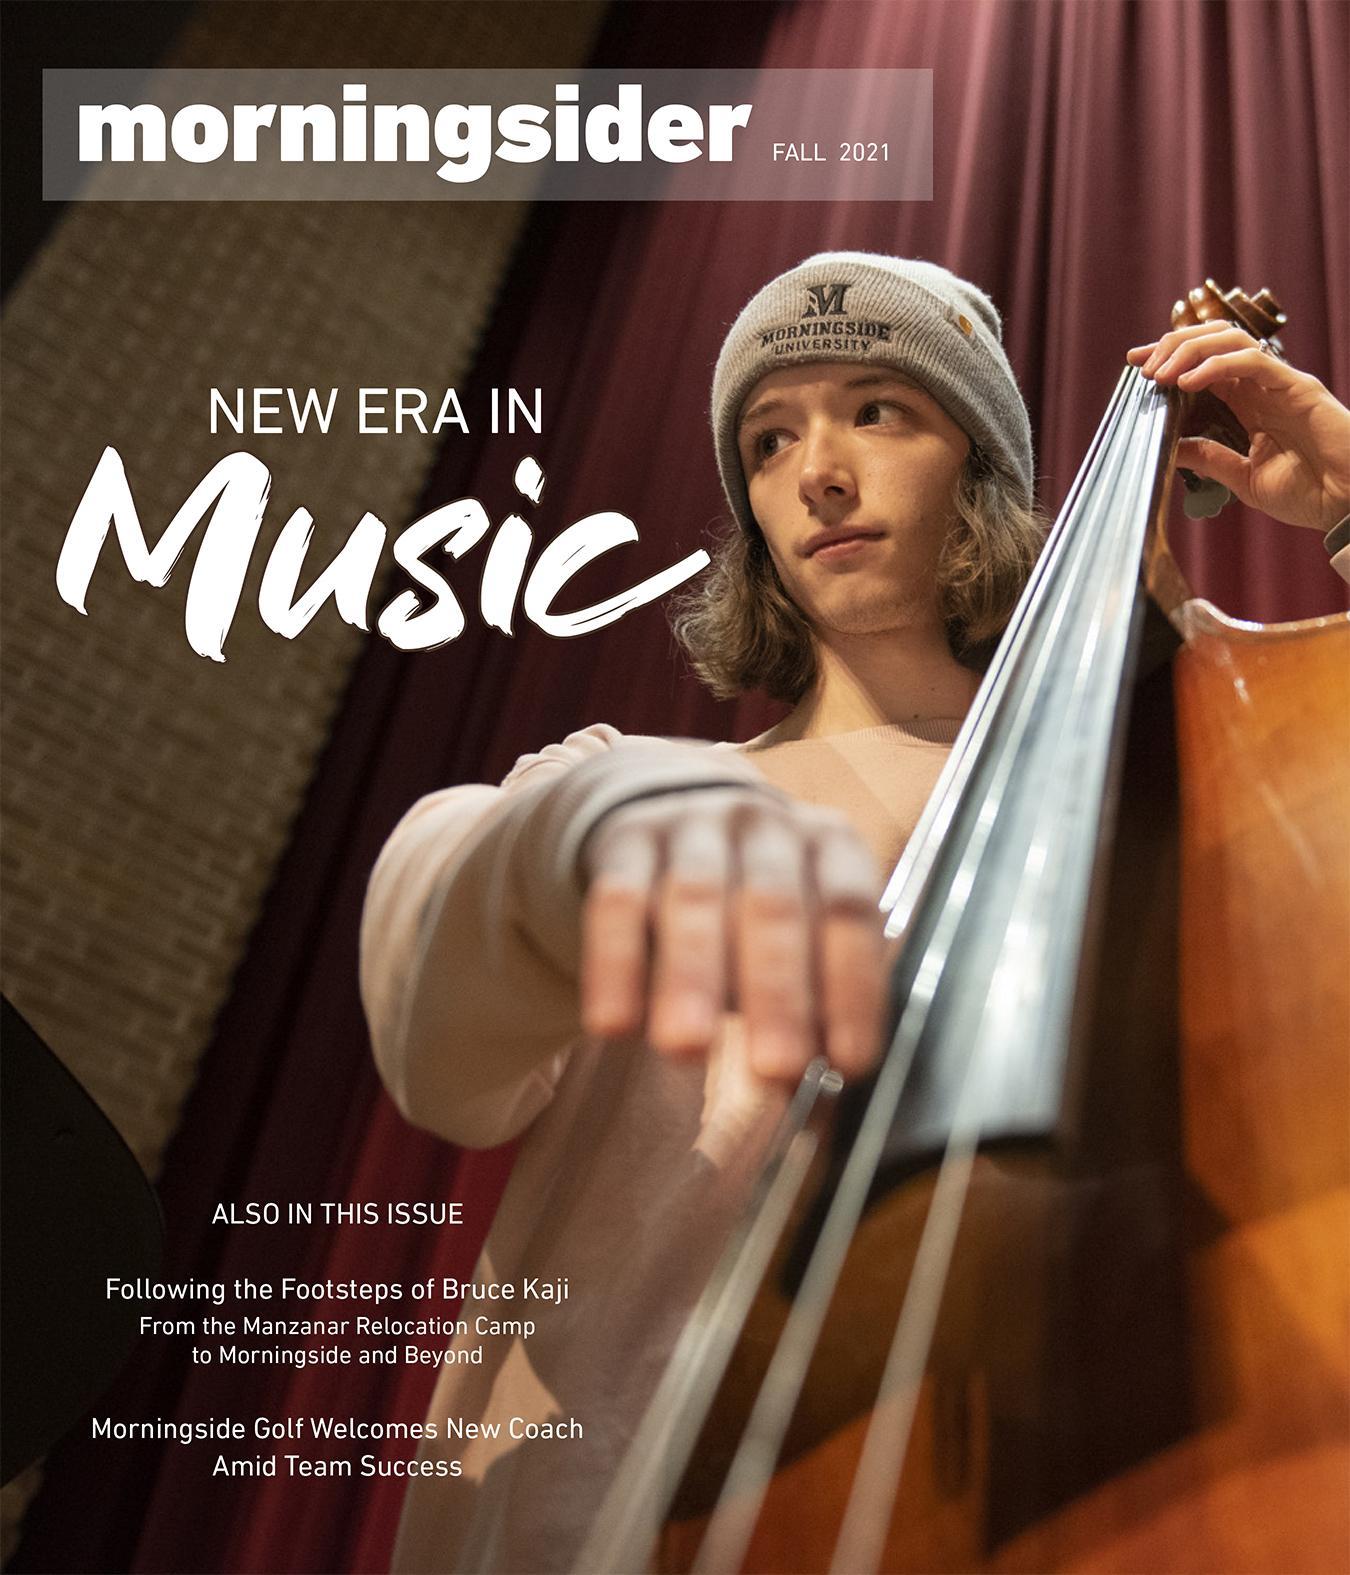 Spring Morningsider Cover